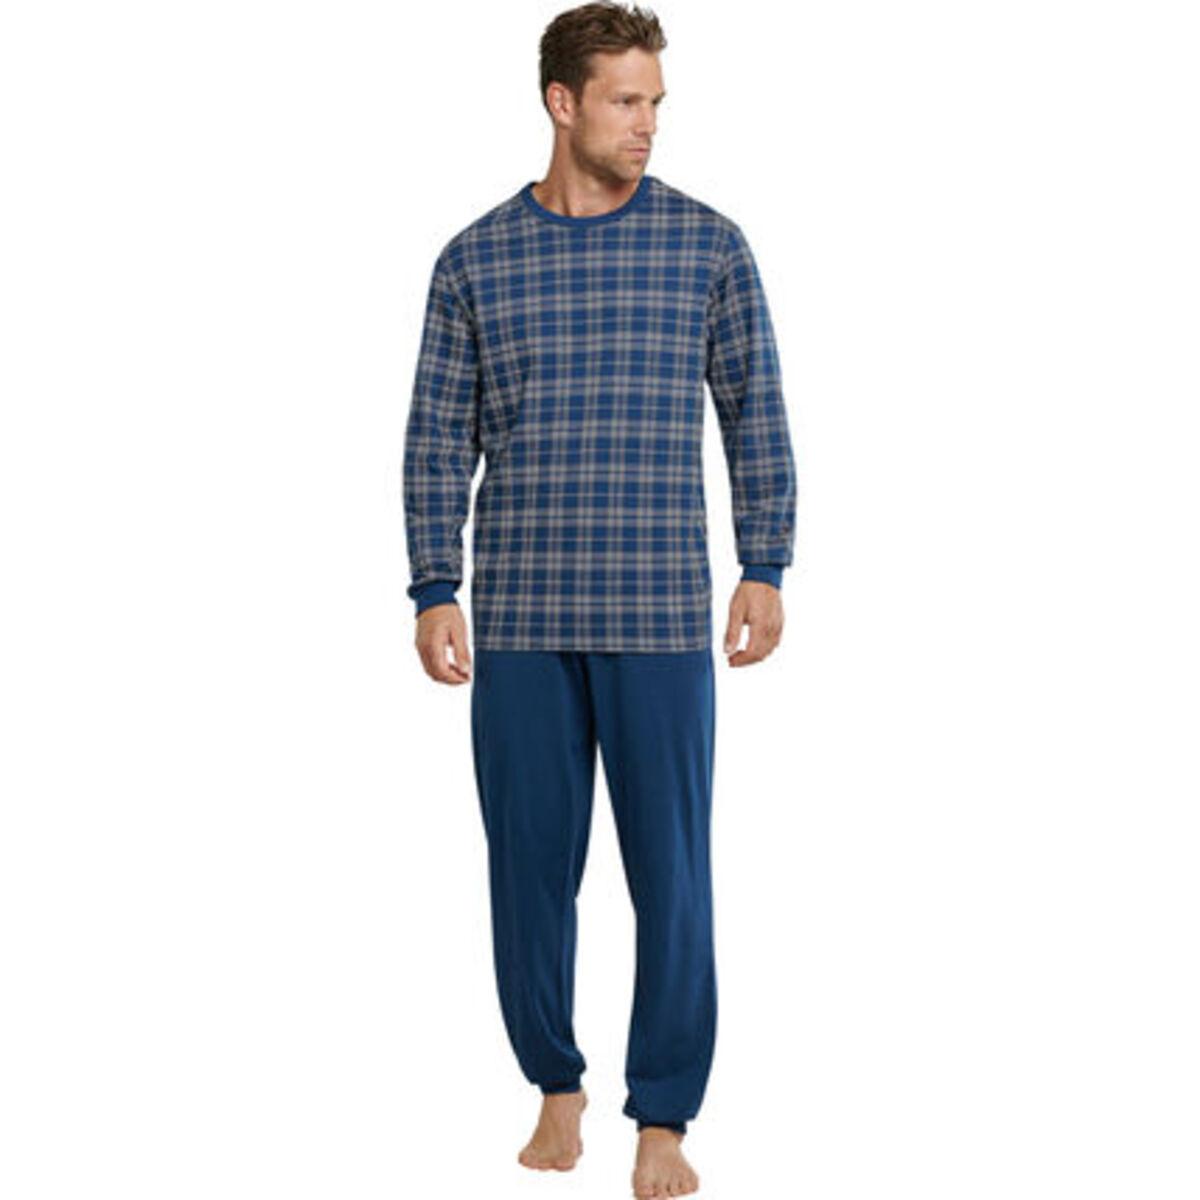 Bild 1 von Schiesser Schlafanzug, Karo-Shirt, Baumwolle, für Herren